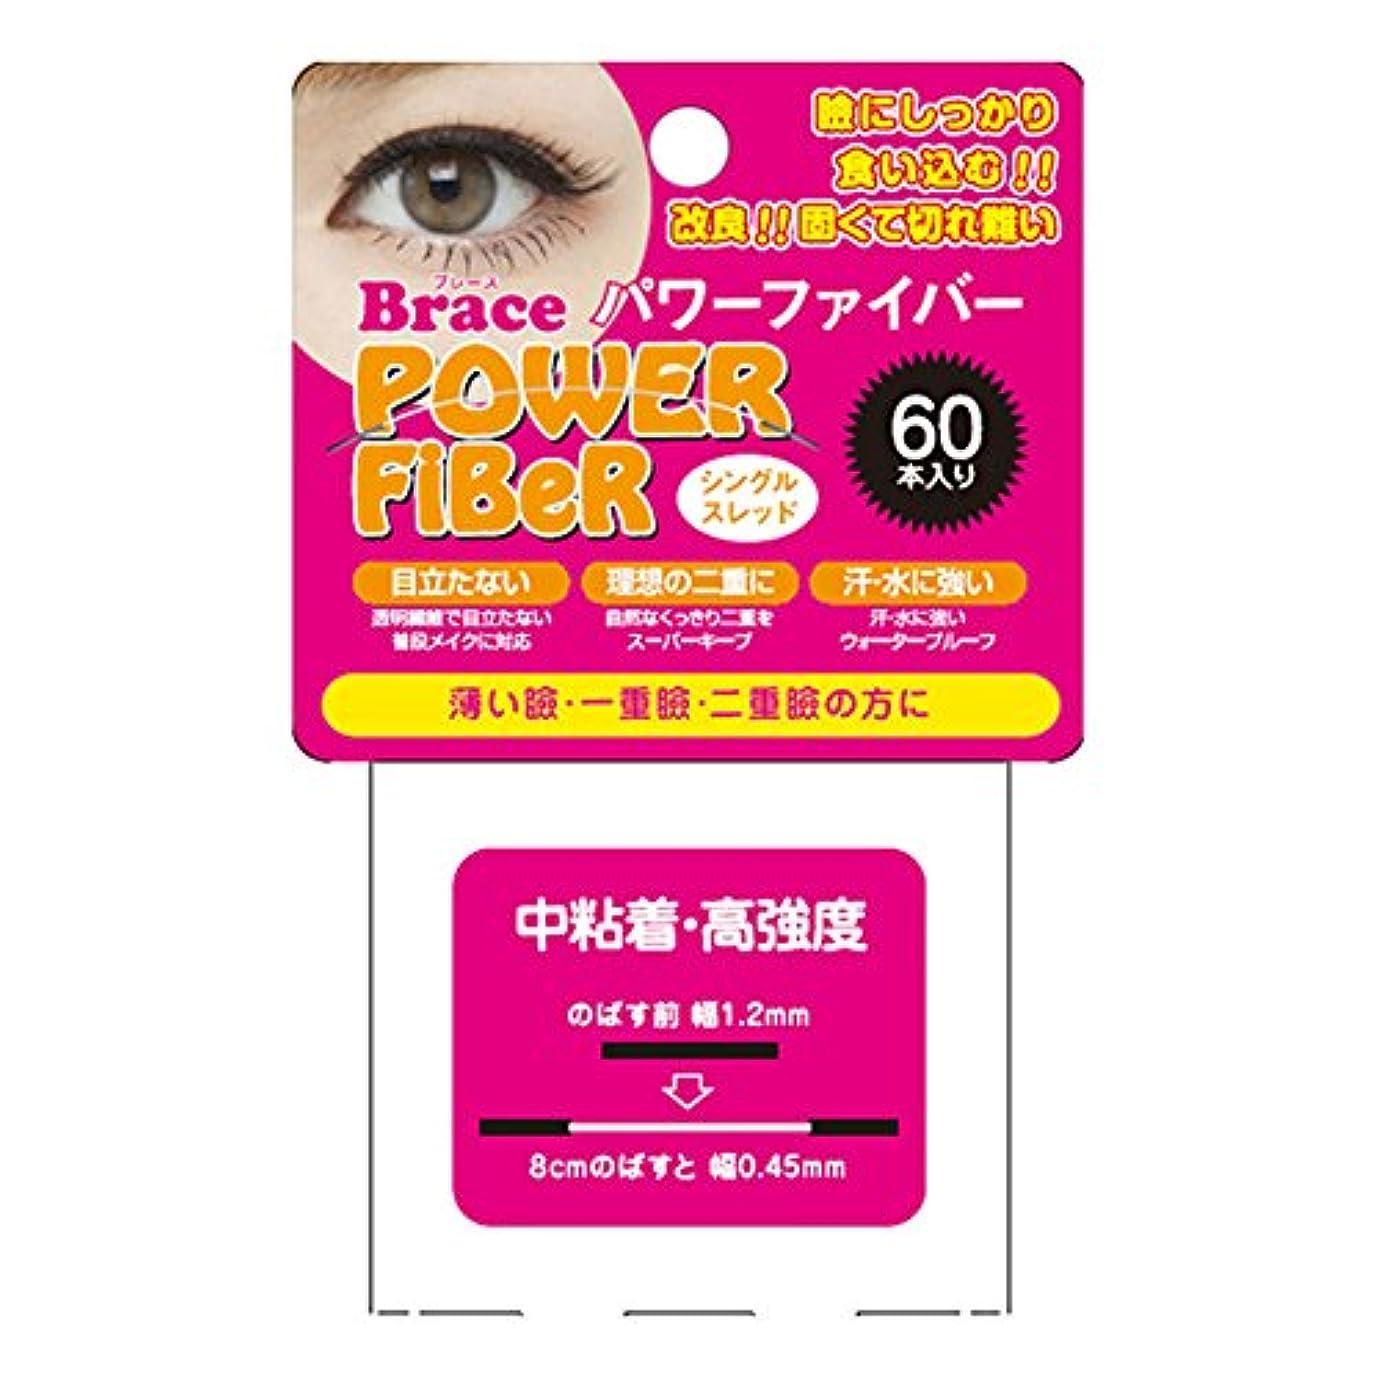 愛人悩むトマトBrace ブレース パワーファイバー シングルスレッド クリア 1.2mm 60本入 (眼瞼下垂防止用テープ)